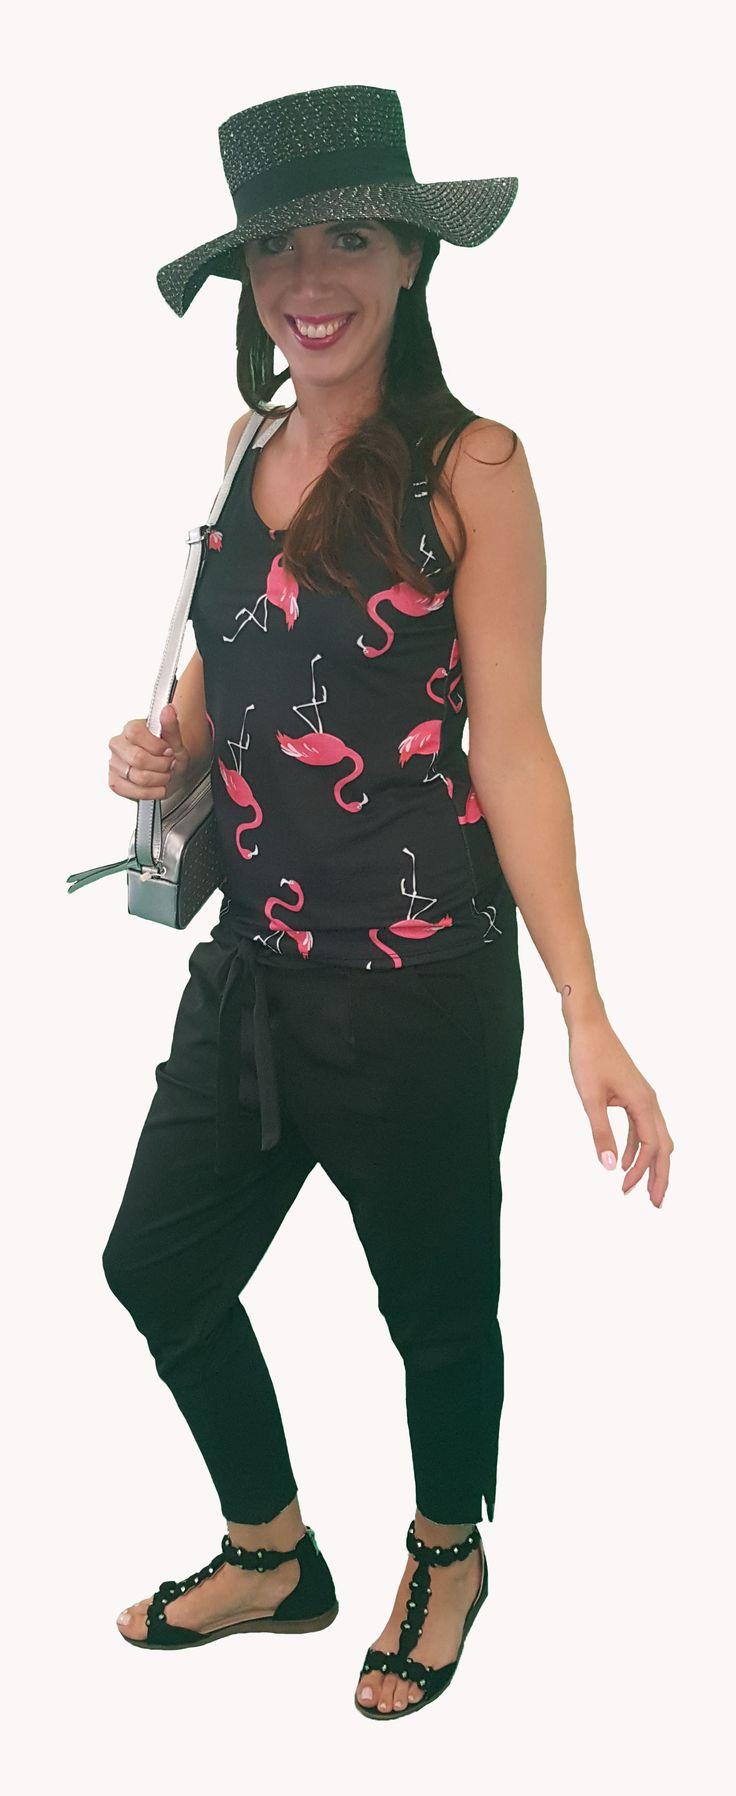 Scoor de complete outfit Lovely Lady inclusief 10% korting voor maar € 98,95 compleet met topje, broek, schoenen, tasjeen hoed. GRATIS VERZENDING!!